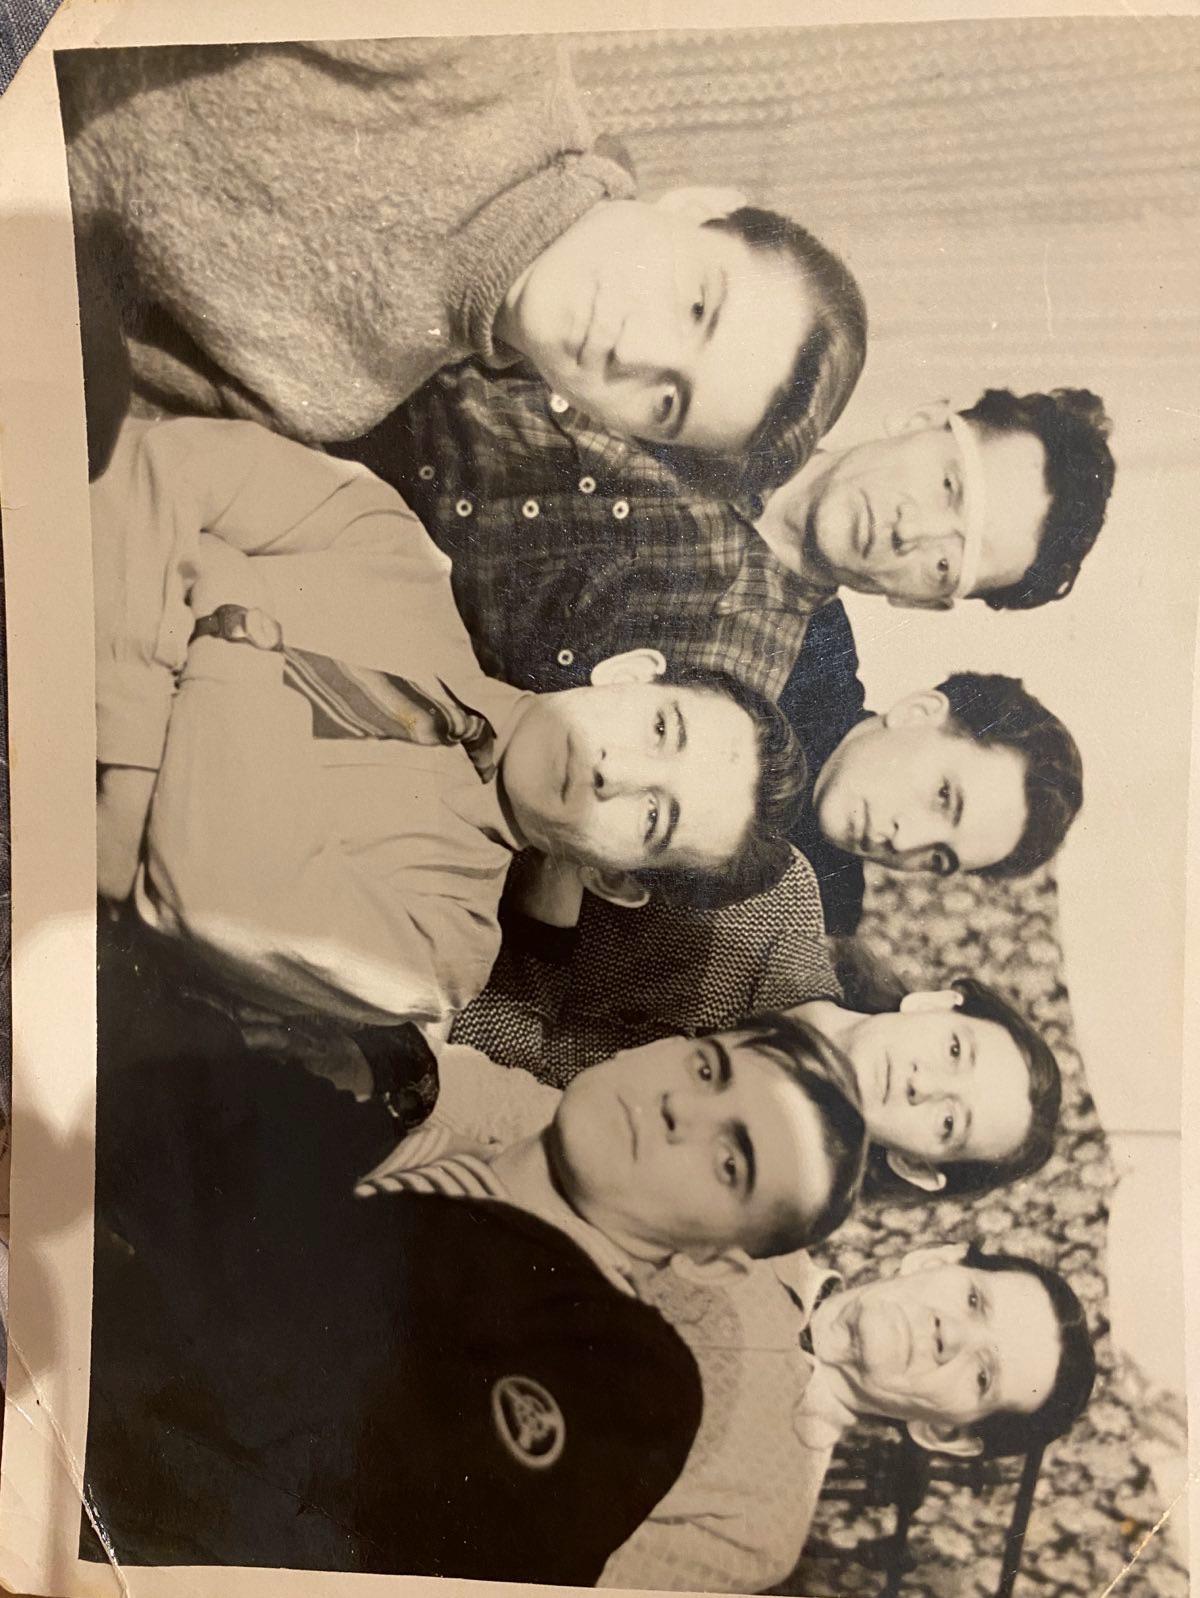 Верхний ряд: Отец Никита Алексеевич,  брат Толик, баба Люба и бабушка Лена, баблюбина мама. Дед наш внизу в центре.Красавец))) хотя все прекрасны, забытые лица прошедшей эпохи.